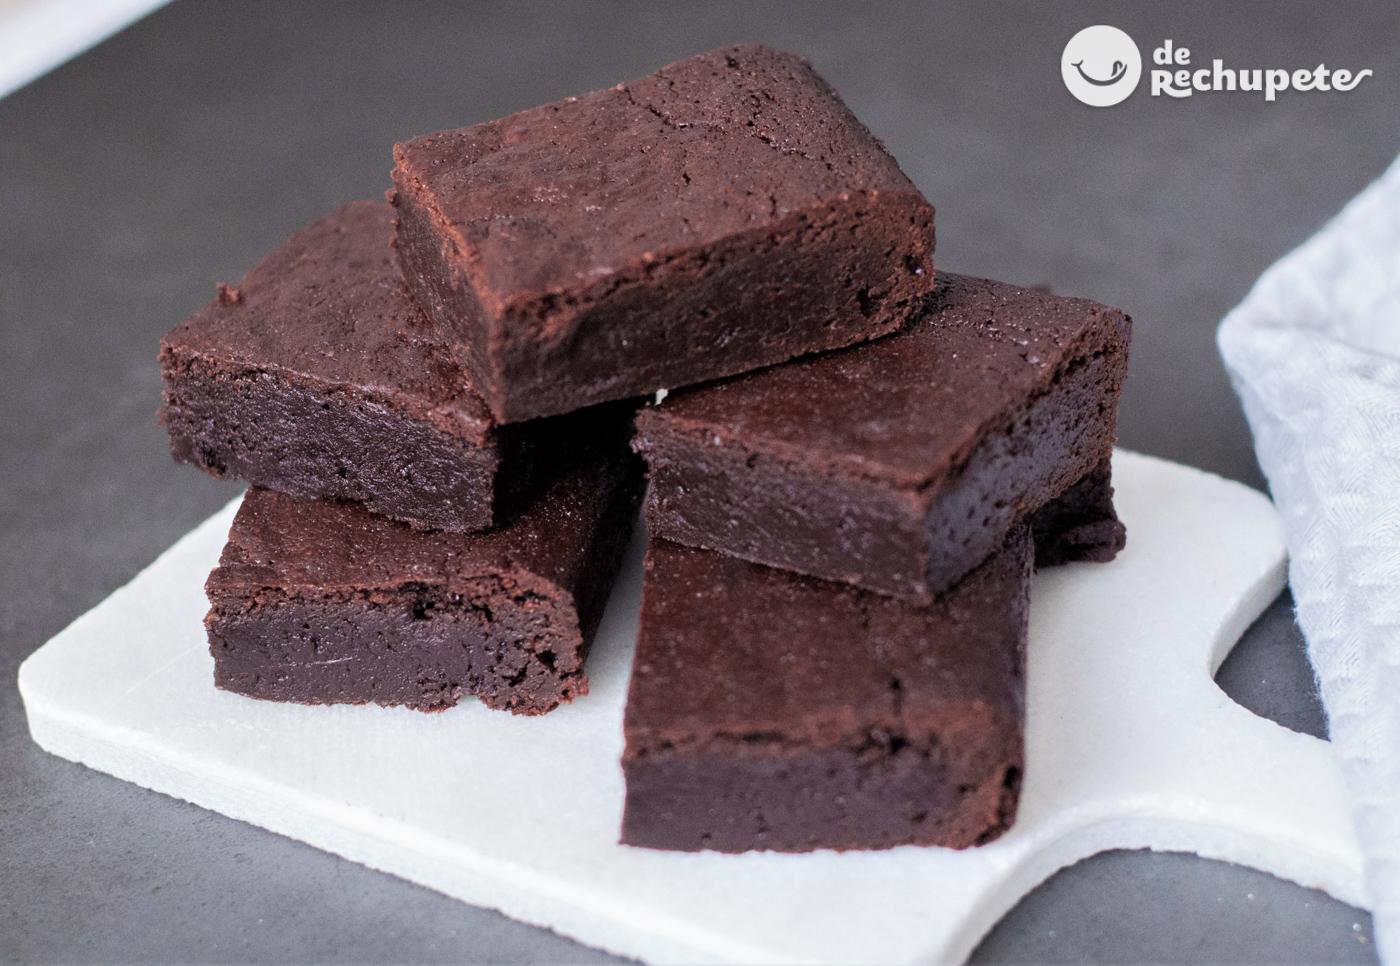 Receta De Brownies De Chocolate Con Nueces Forma Clásica Y Fácil